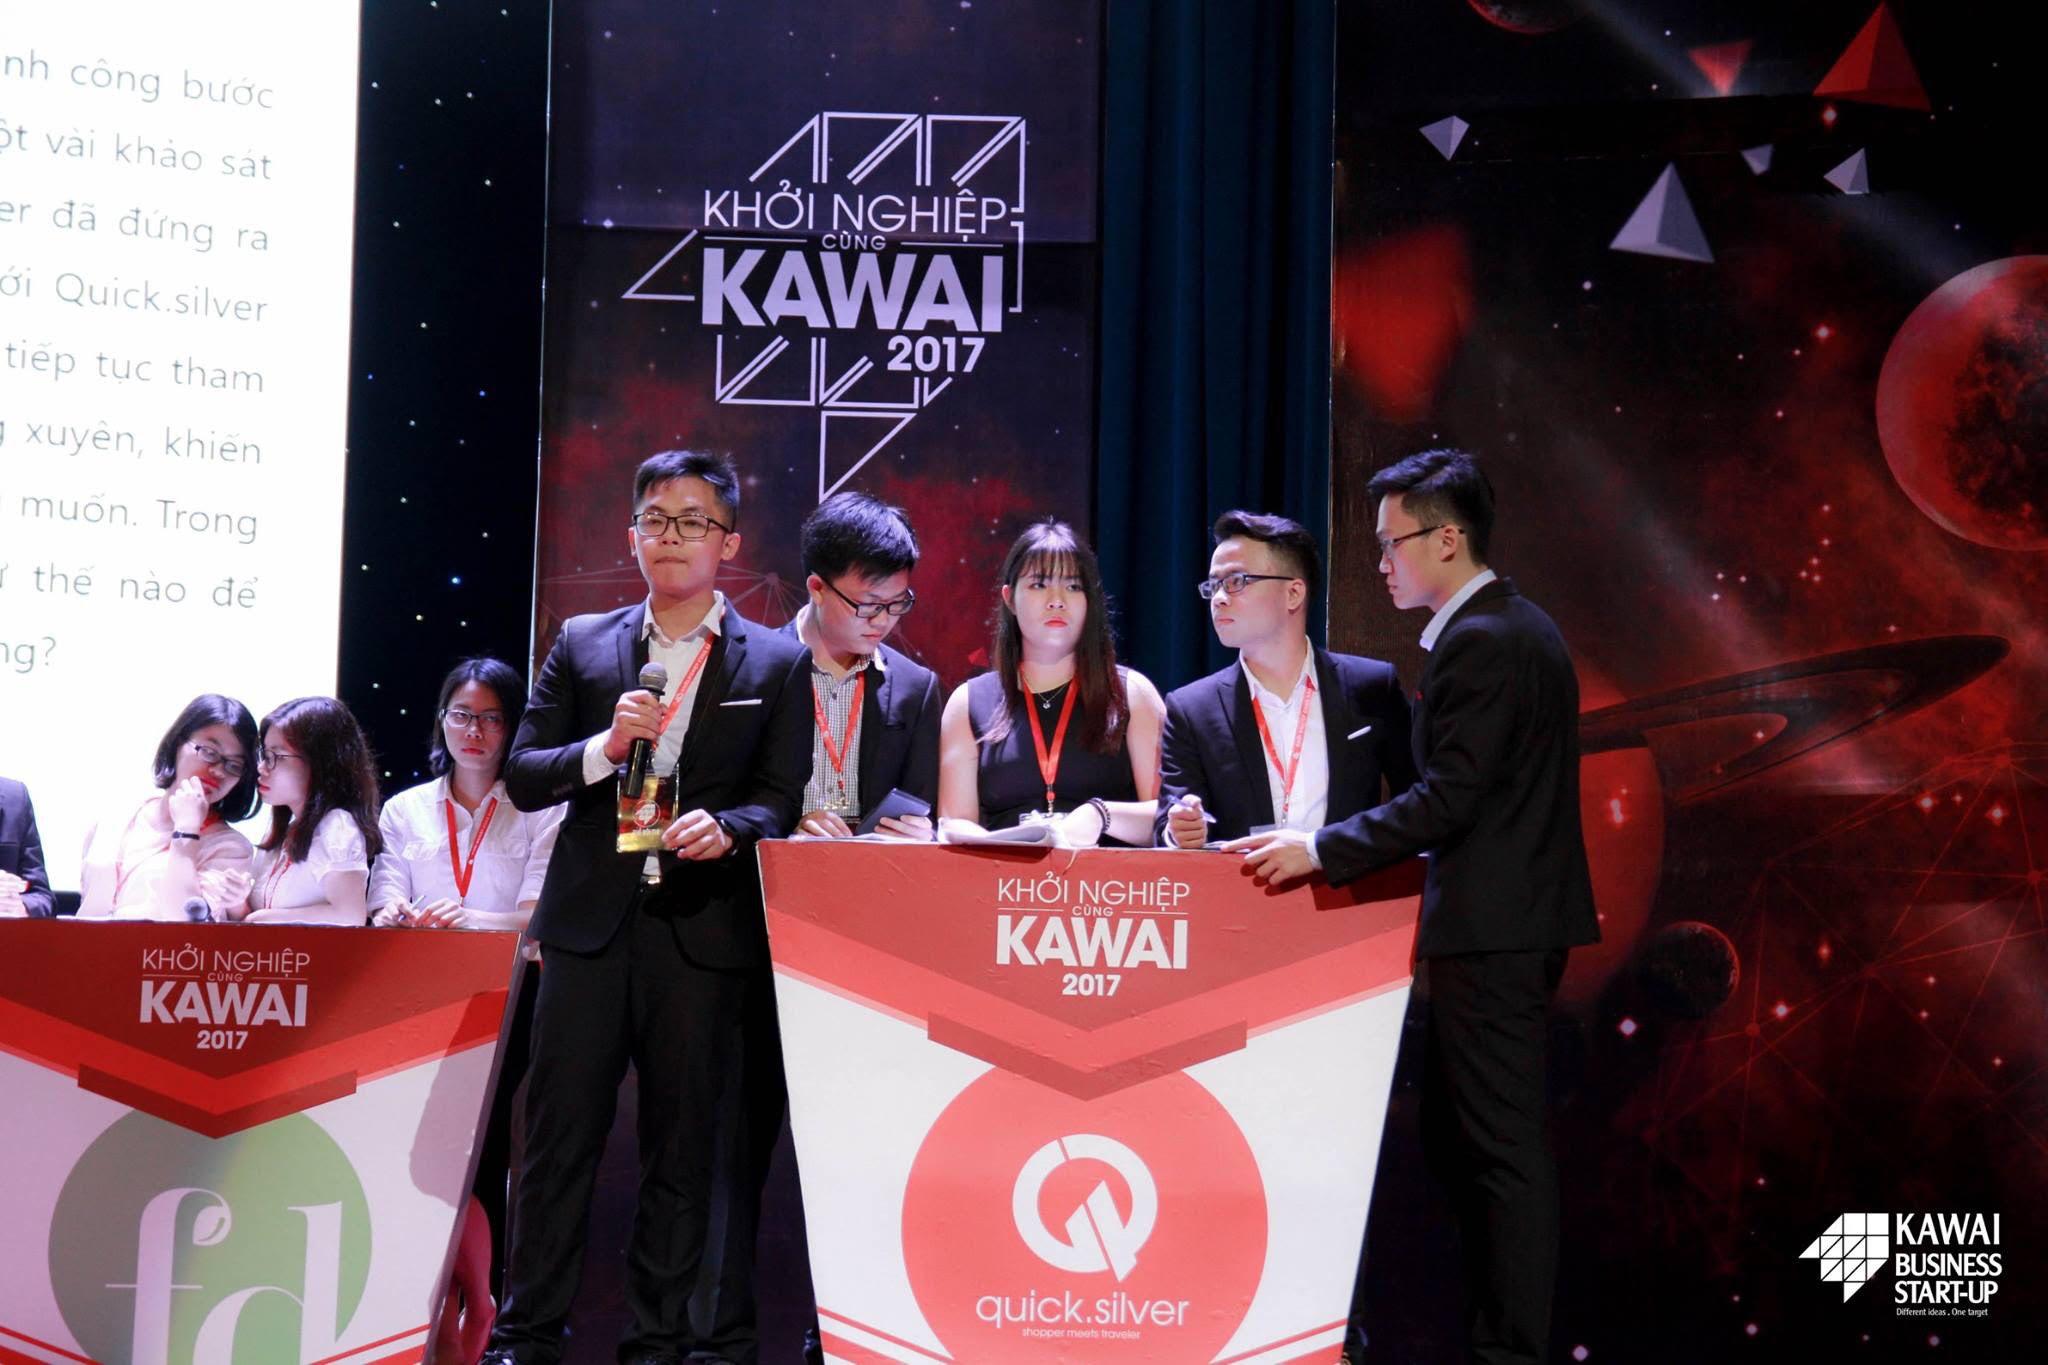 Á quân khởi nghiệp cùng Kawai: Ước mơ thay đổi thương mại toàn cầu